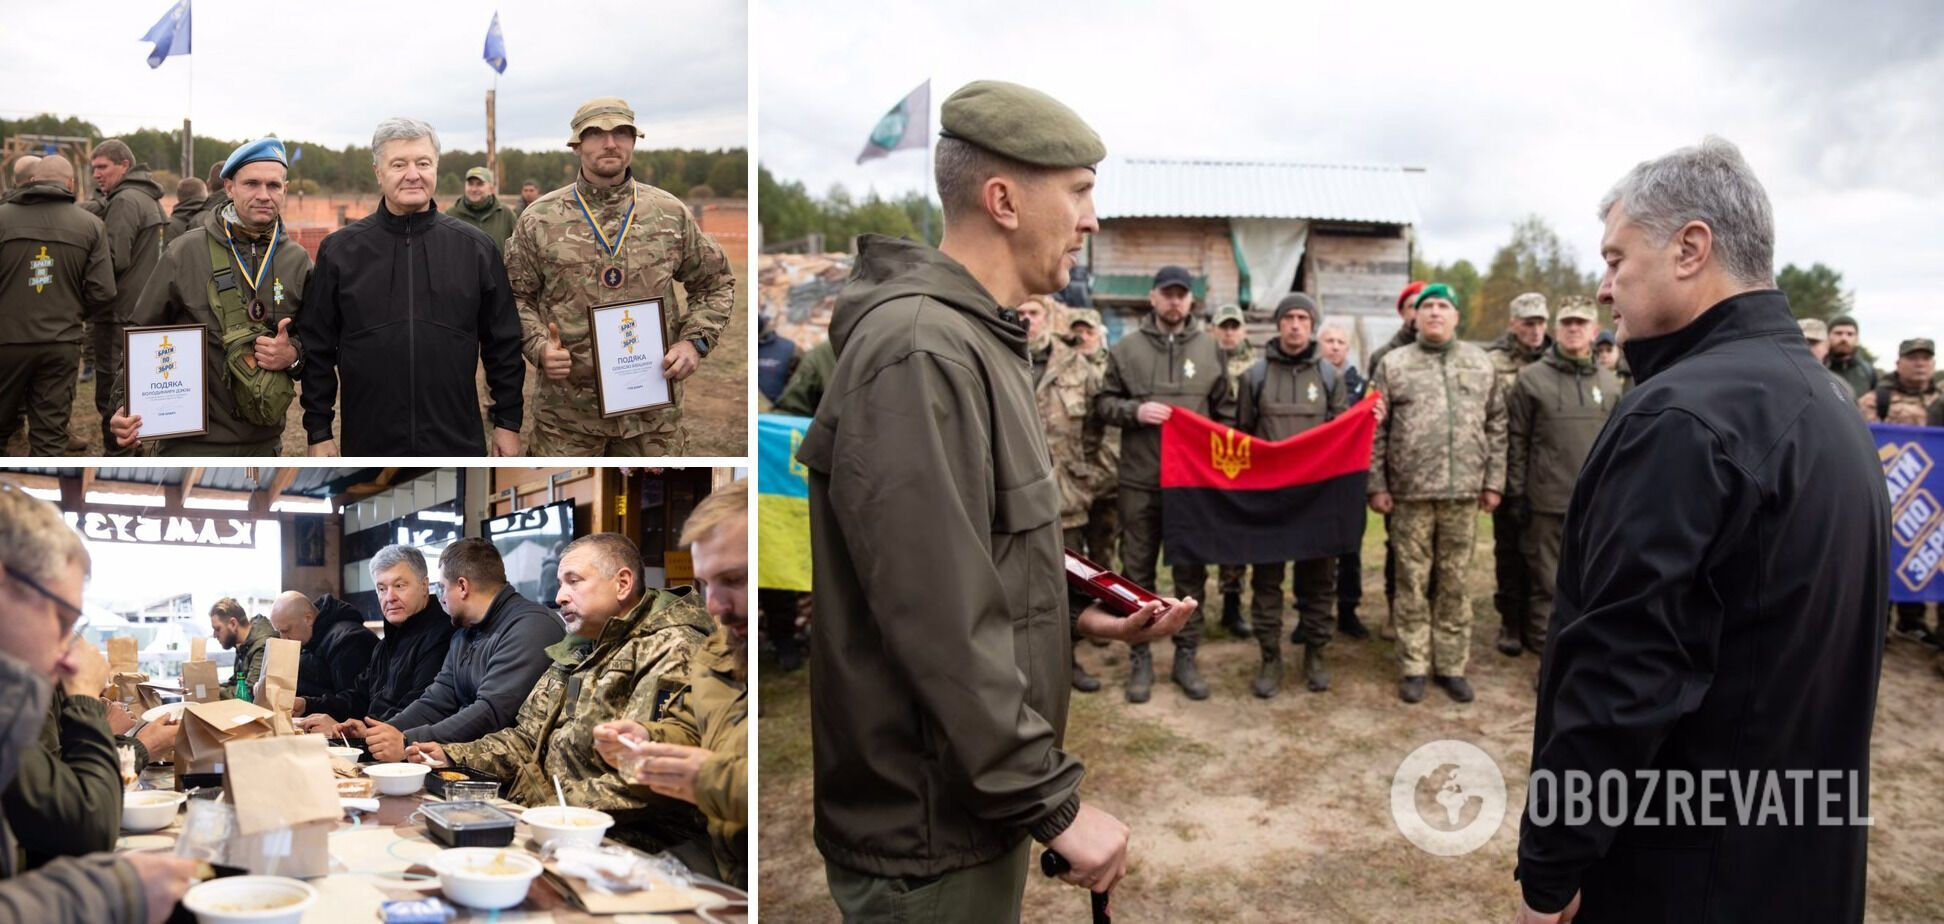 Ветеран війни на Донбасі вручив Порошенку іменну відзнаку. Фото